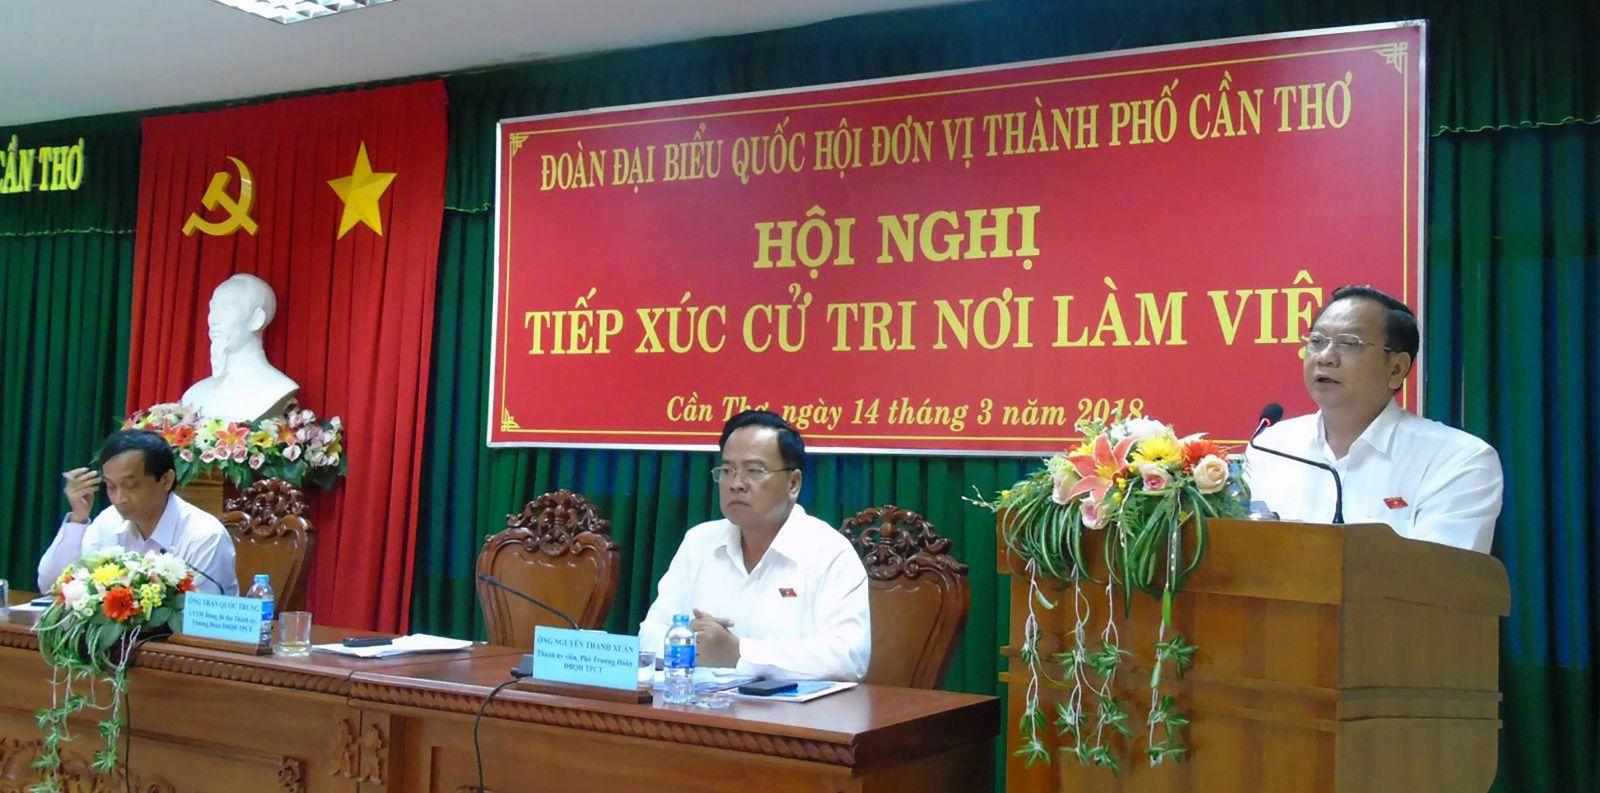 Ông Trần Quốc Trung, Ủy viên Trung ương Đảng, Bí thư Thành ủy, Trưởng Đoàn ĐBQH đơn vị thành phố Cần Thơ, ghi nhận ý kiến, kiến nghị của cử tri. Ảnh: THANH THY